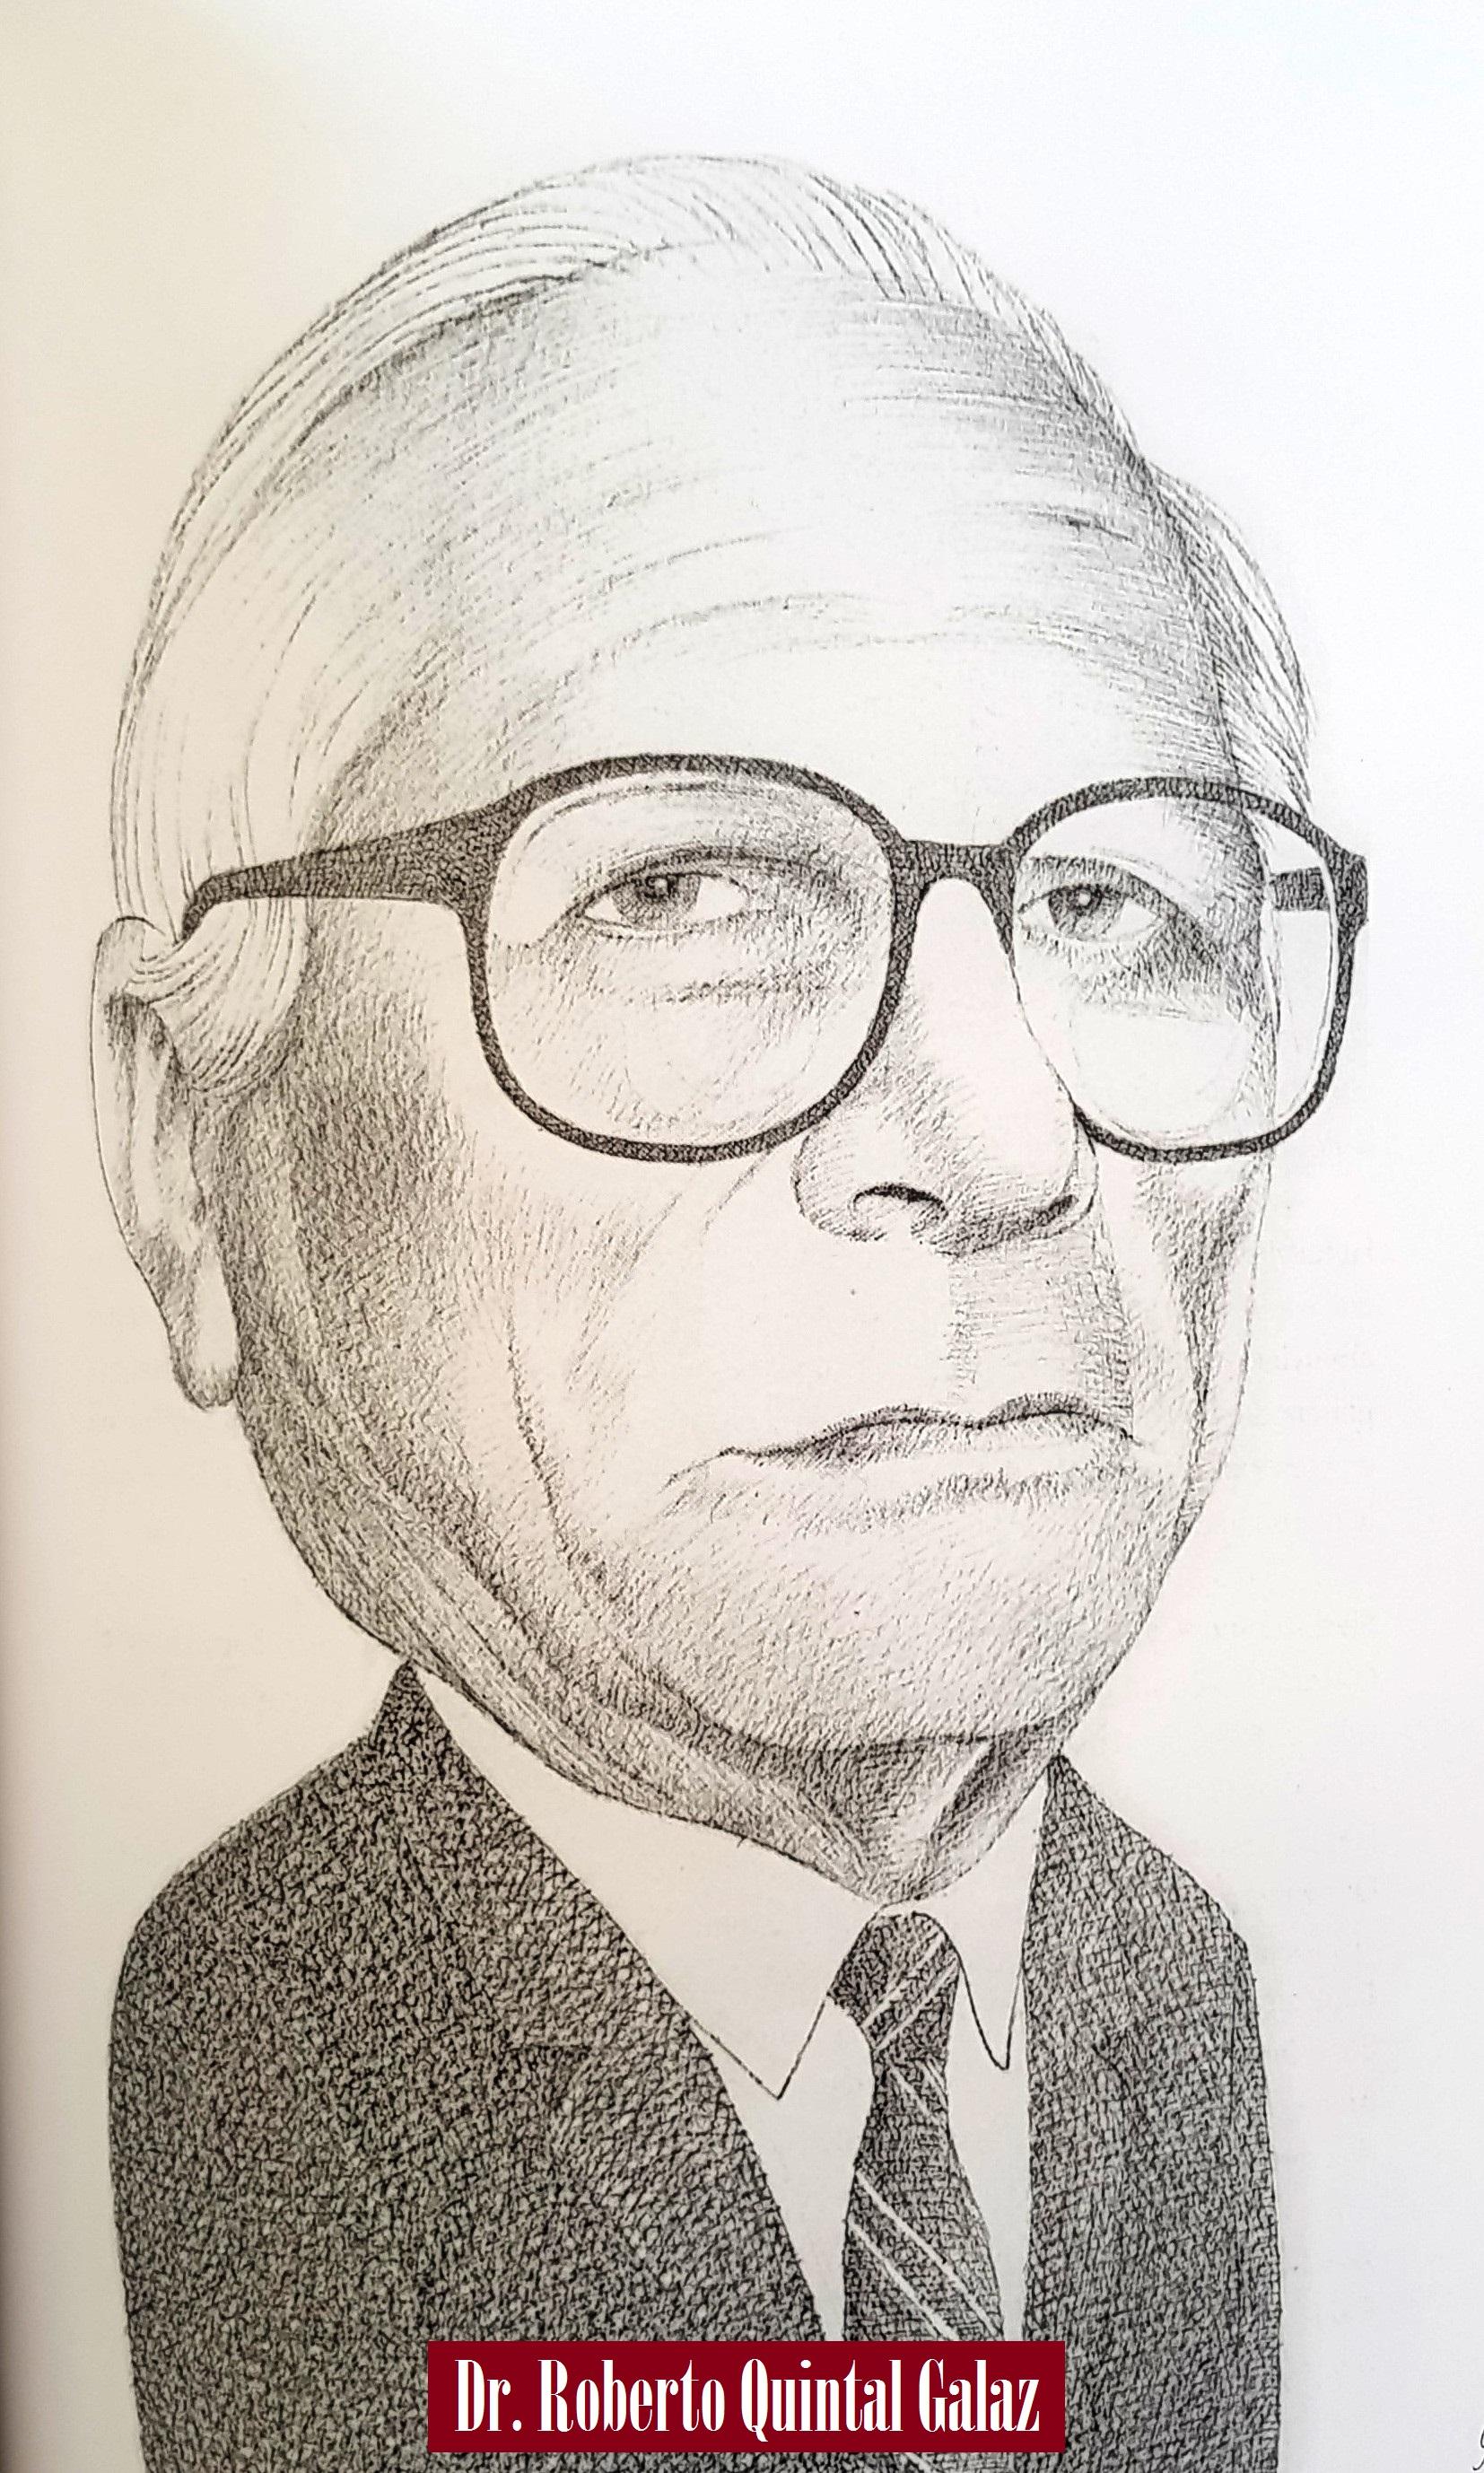 DR. ROBERTO QUINTAL GALAZ